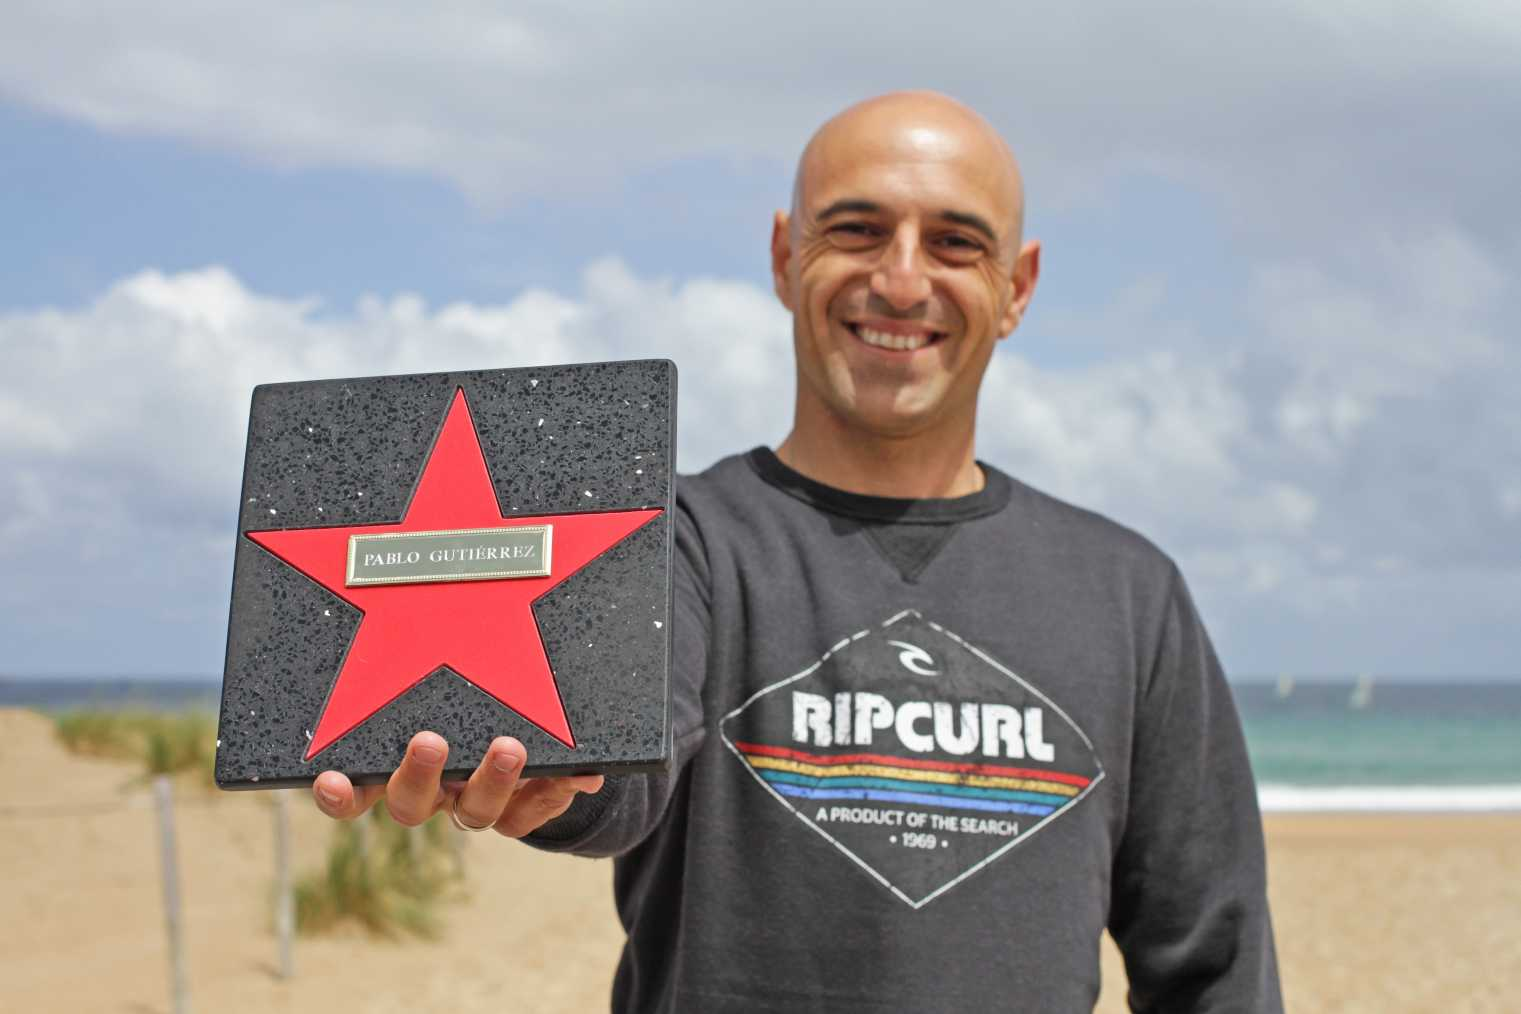 Inauguración paseo de las estrella del surf - Pablo Gutiérrez - Somo